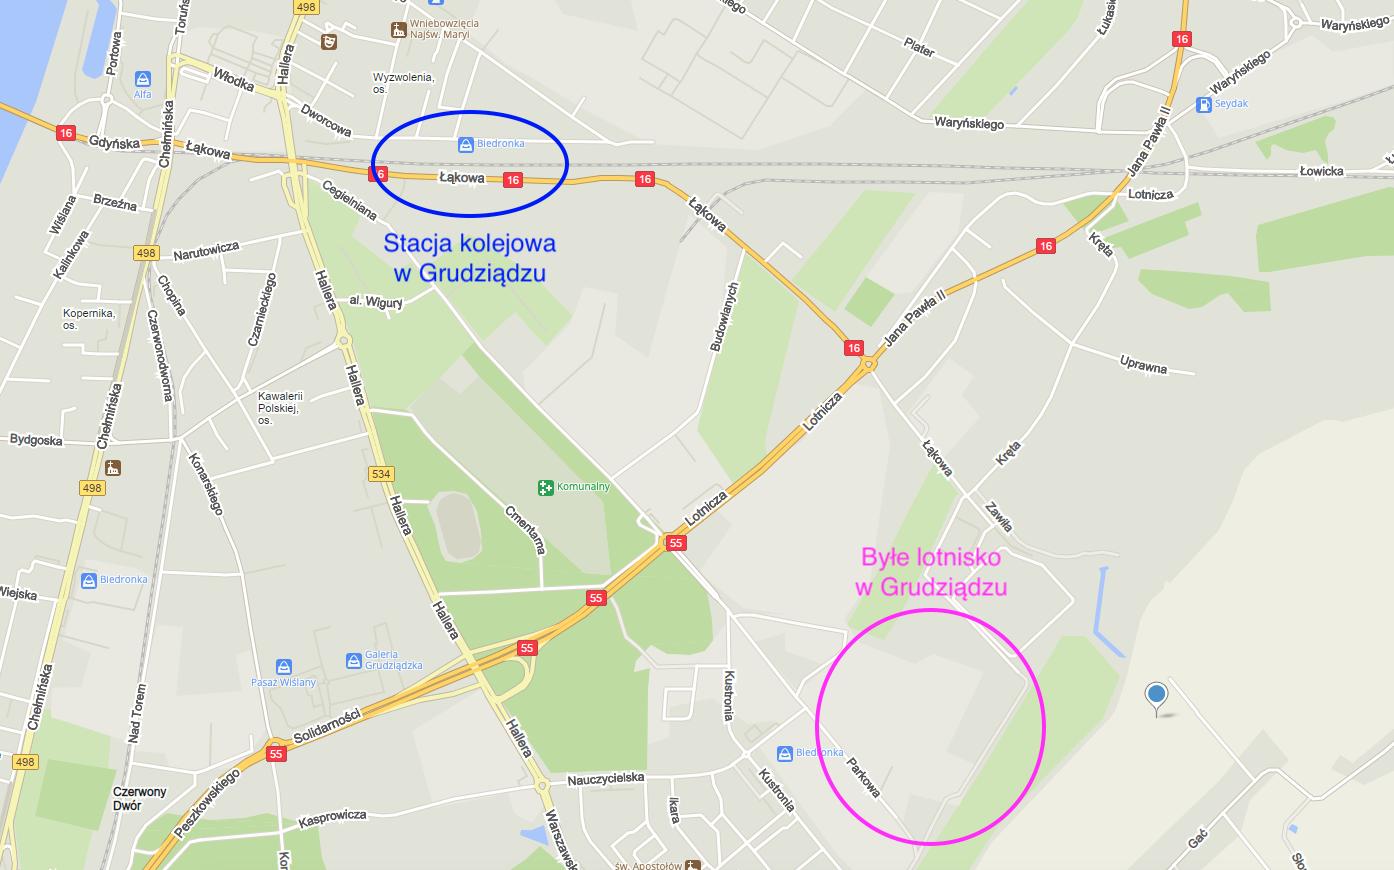 Stacja PKP w Grudziądzu i byłe lotnisko. 2021 rok. Praca Karol Placha Hetman